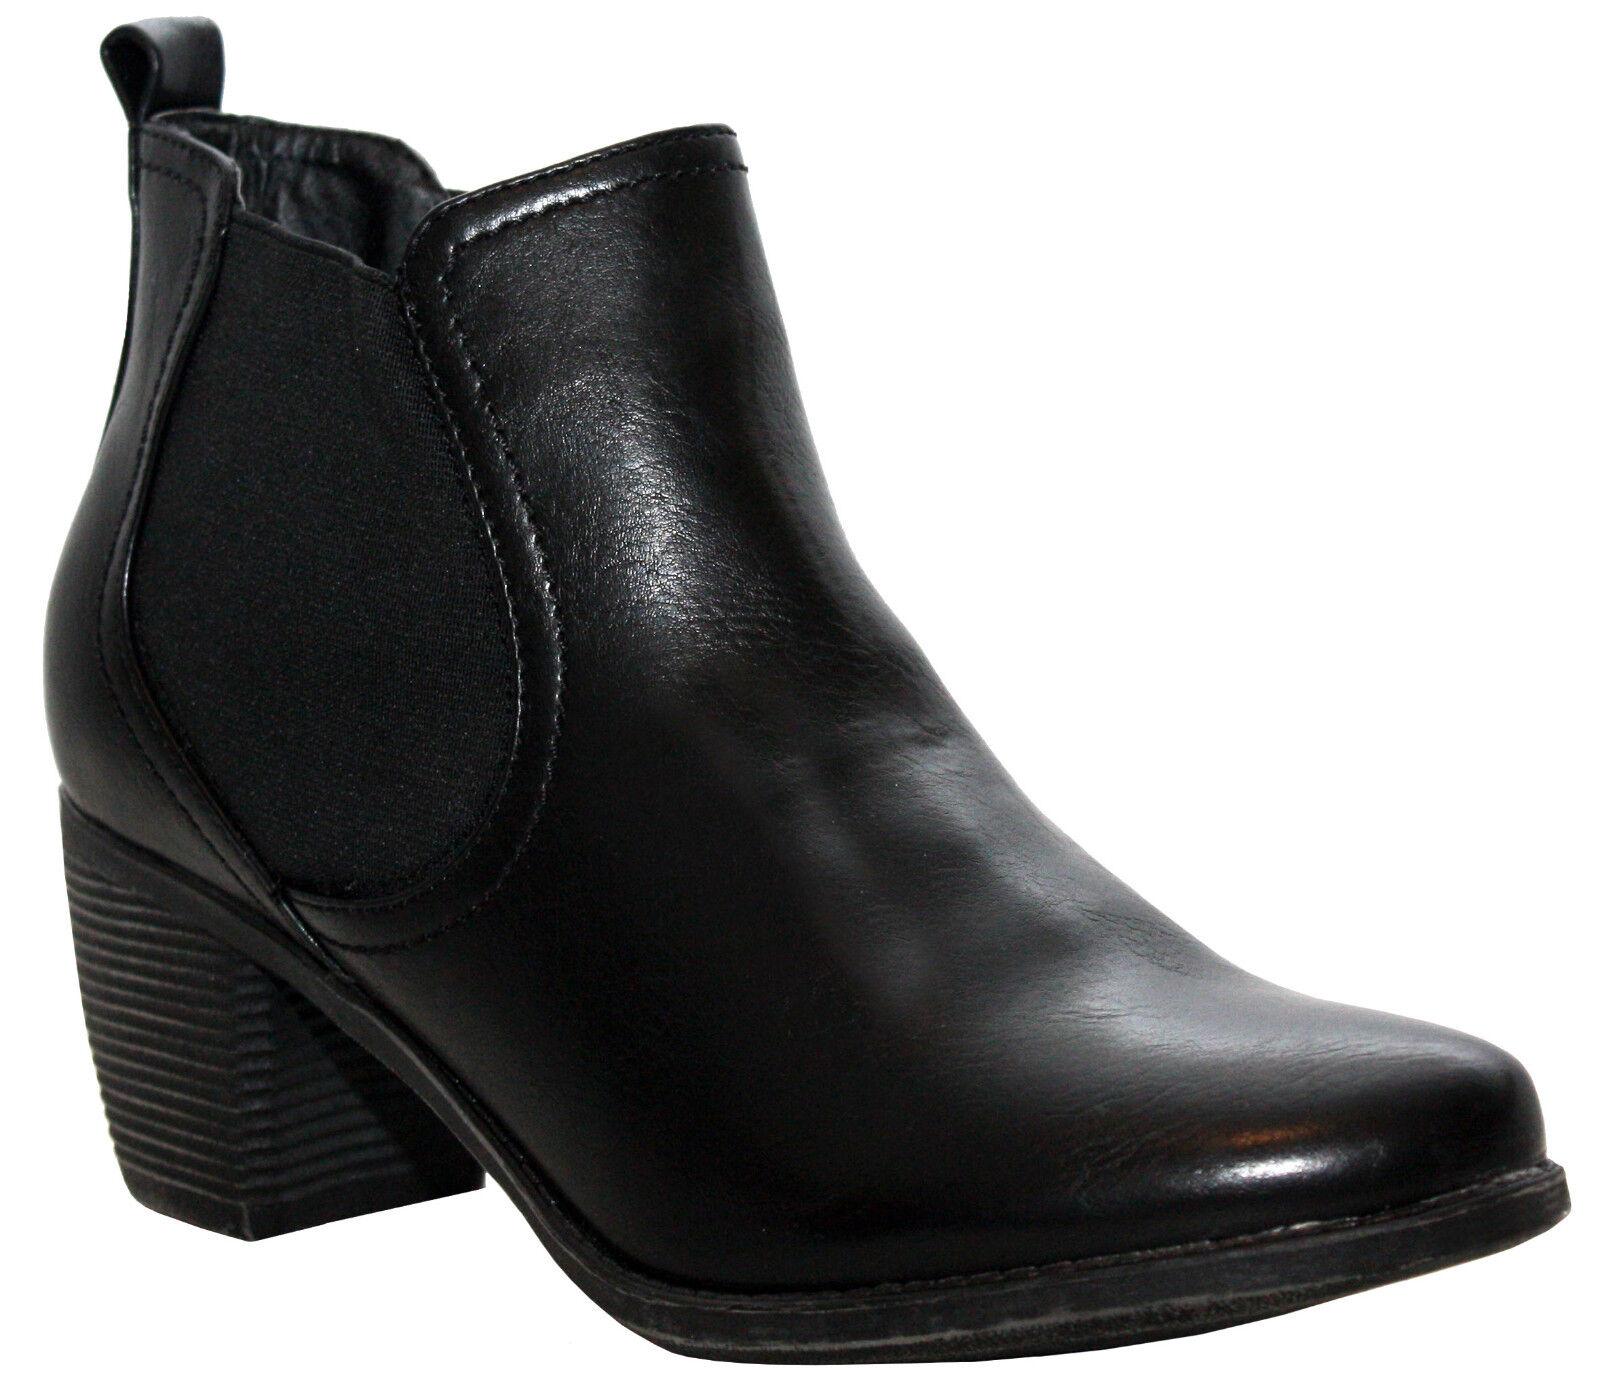 WOMENS BLOCK HEEL TWIN GUSSET WESTERN COWBOY CHELSEA BLACK LADIES ANKLE BOOTS UK